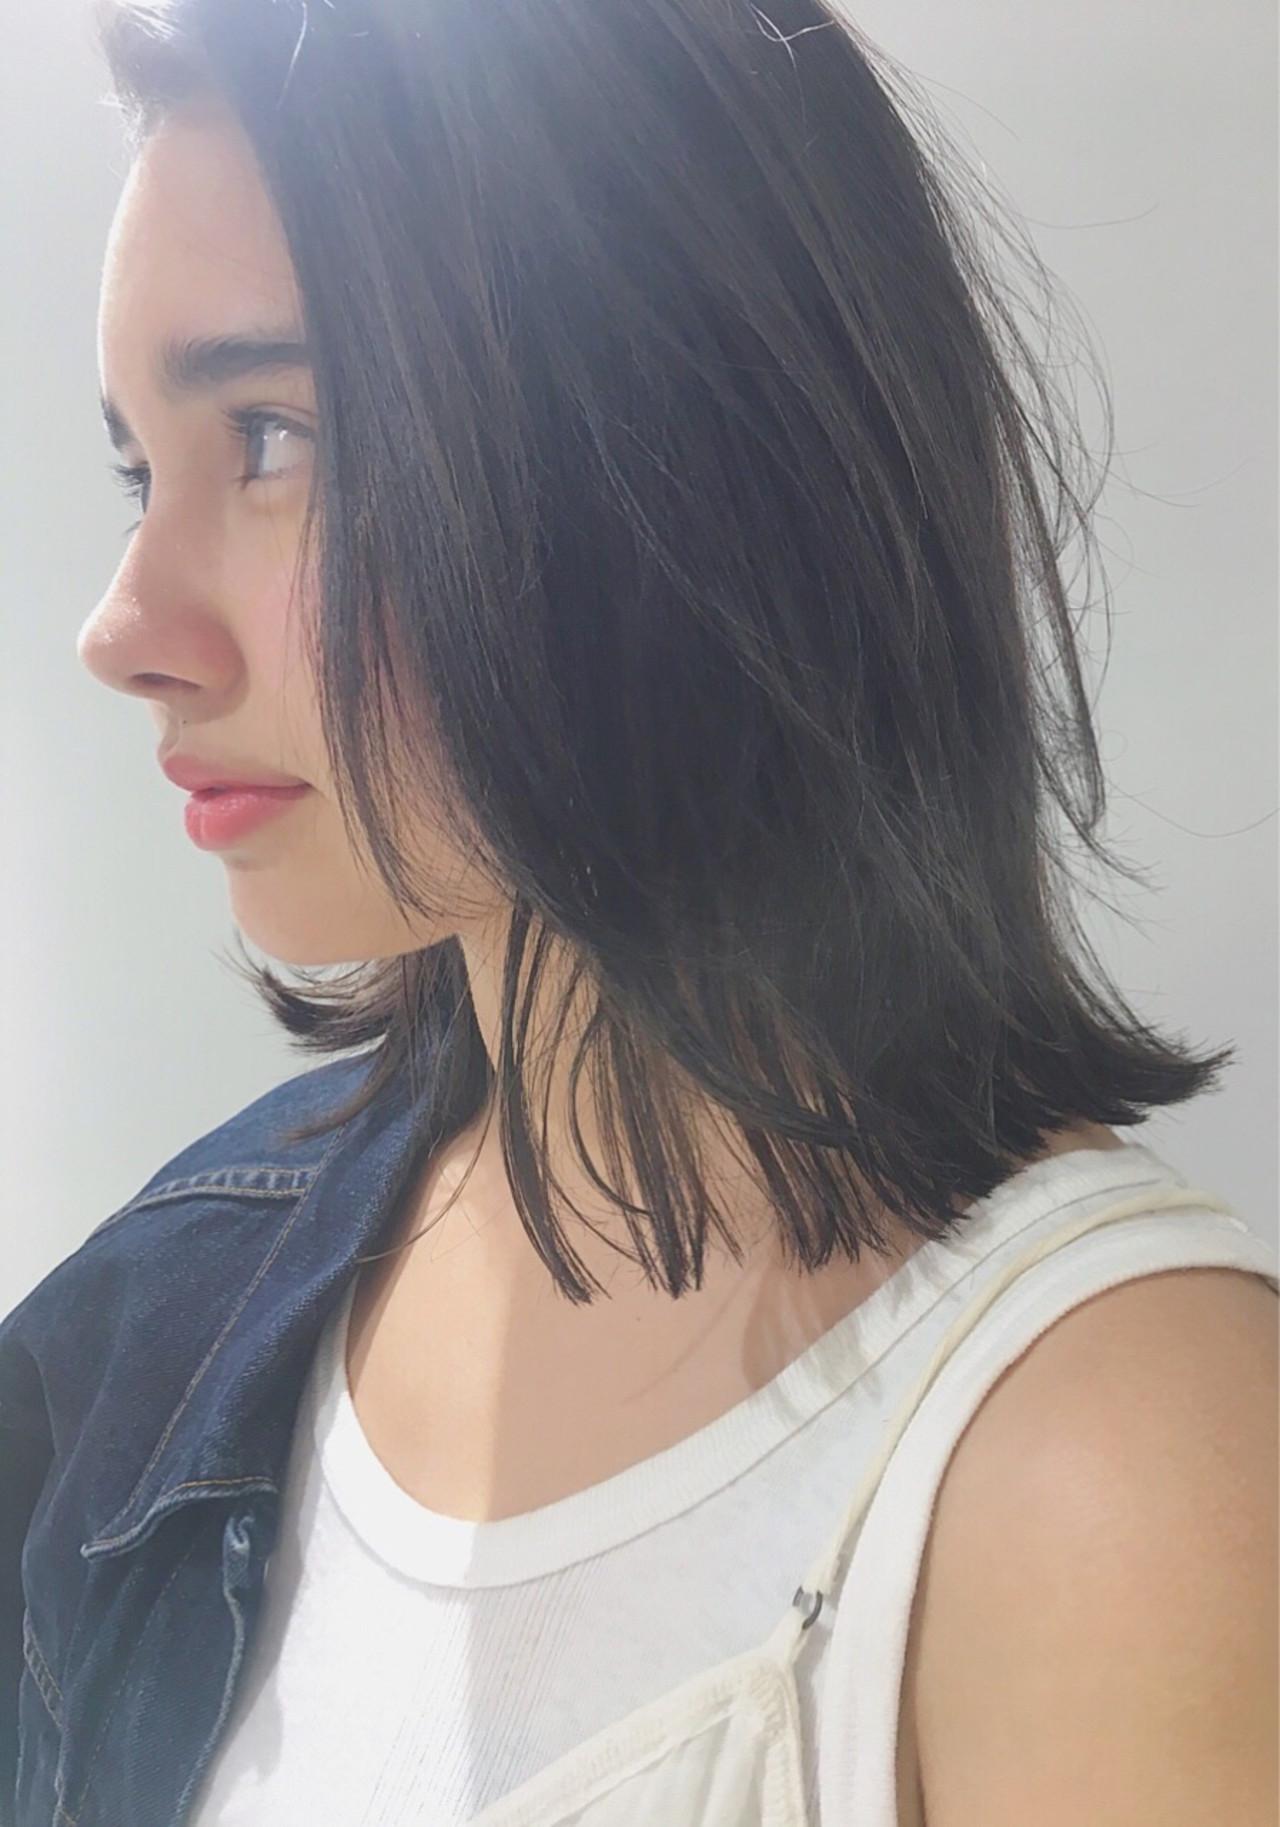 かっこいいけど色っぽい♡前髪なしの黒髪ミディアムヘアスタイル集 中島 潮里 / LOAVE  LOAVE omotesando